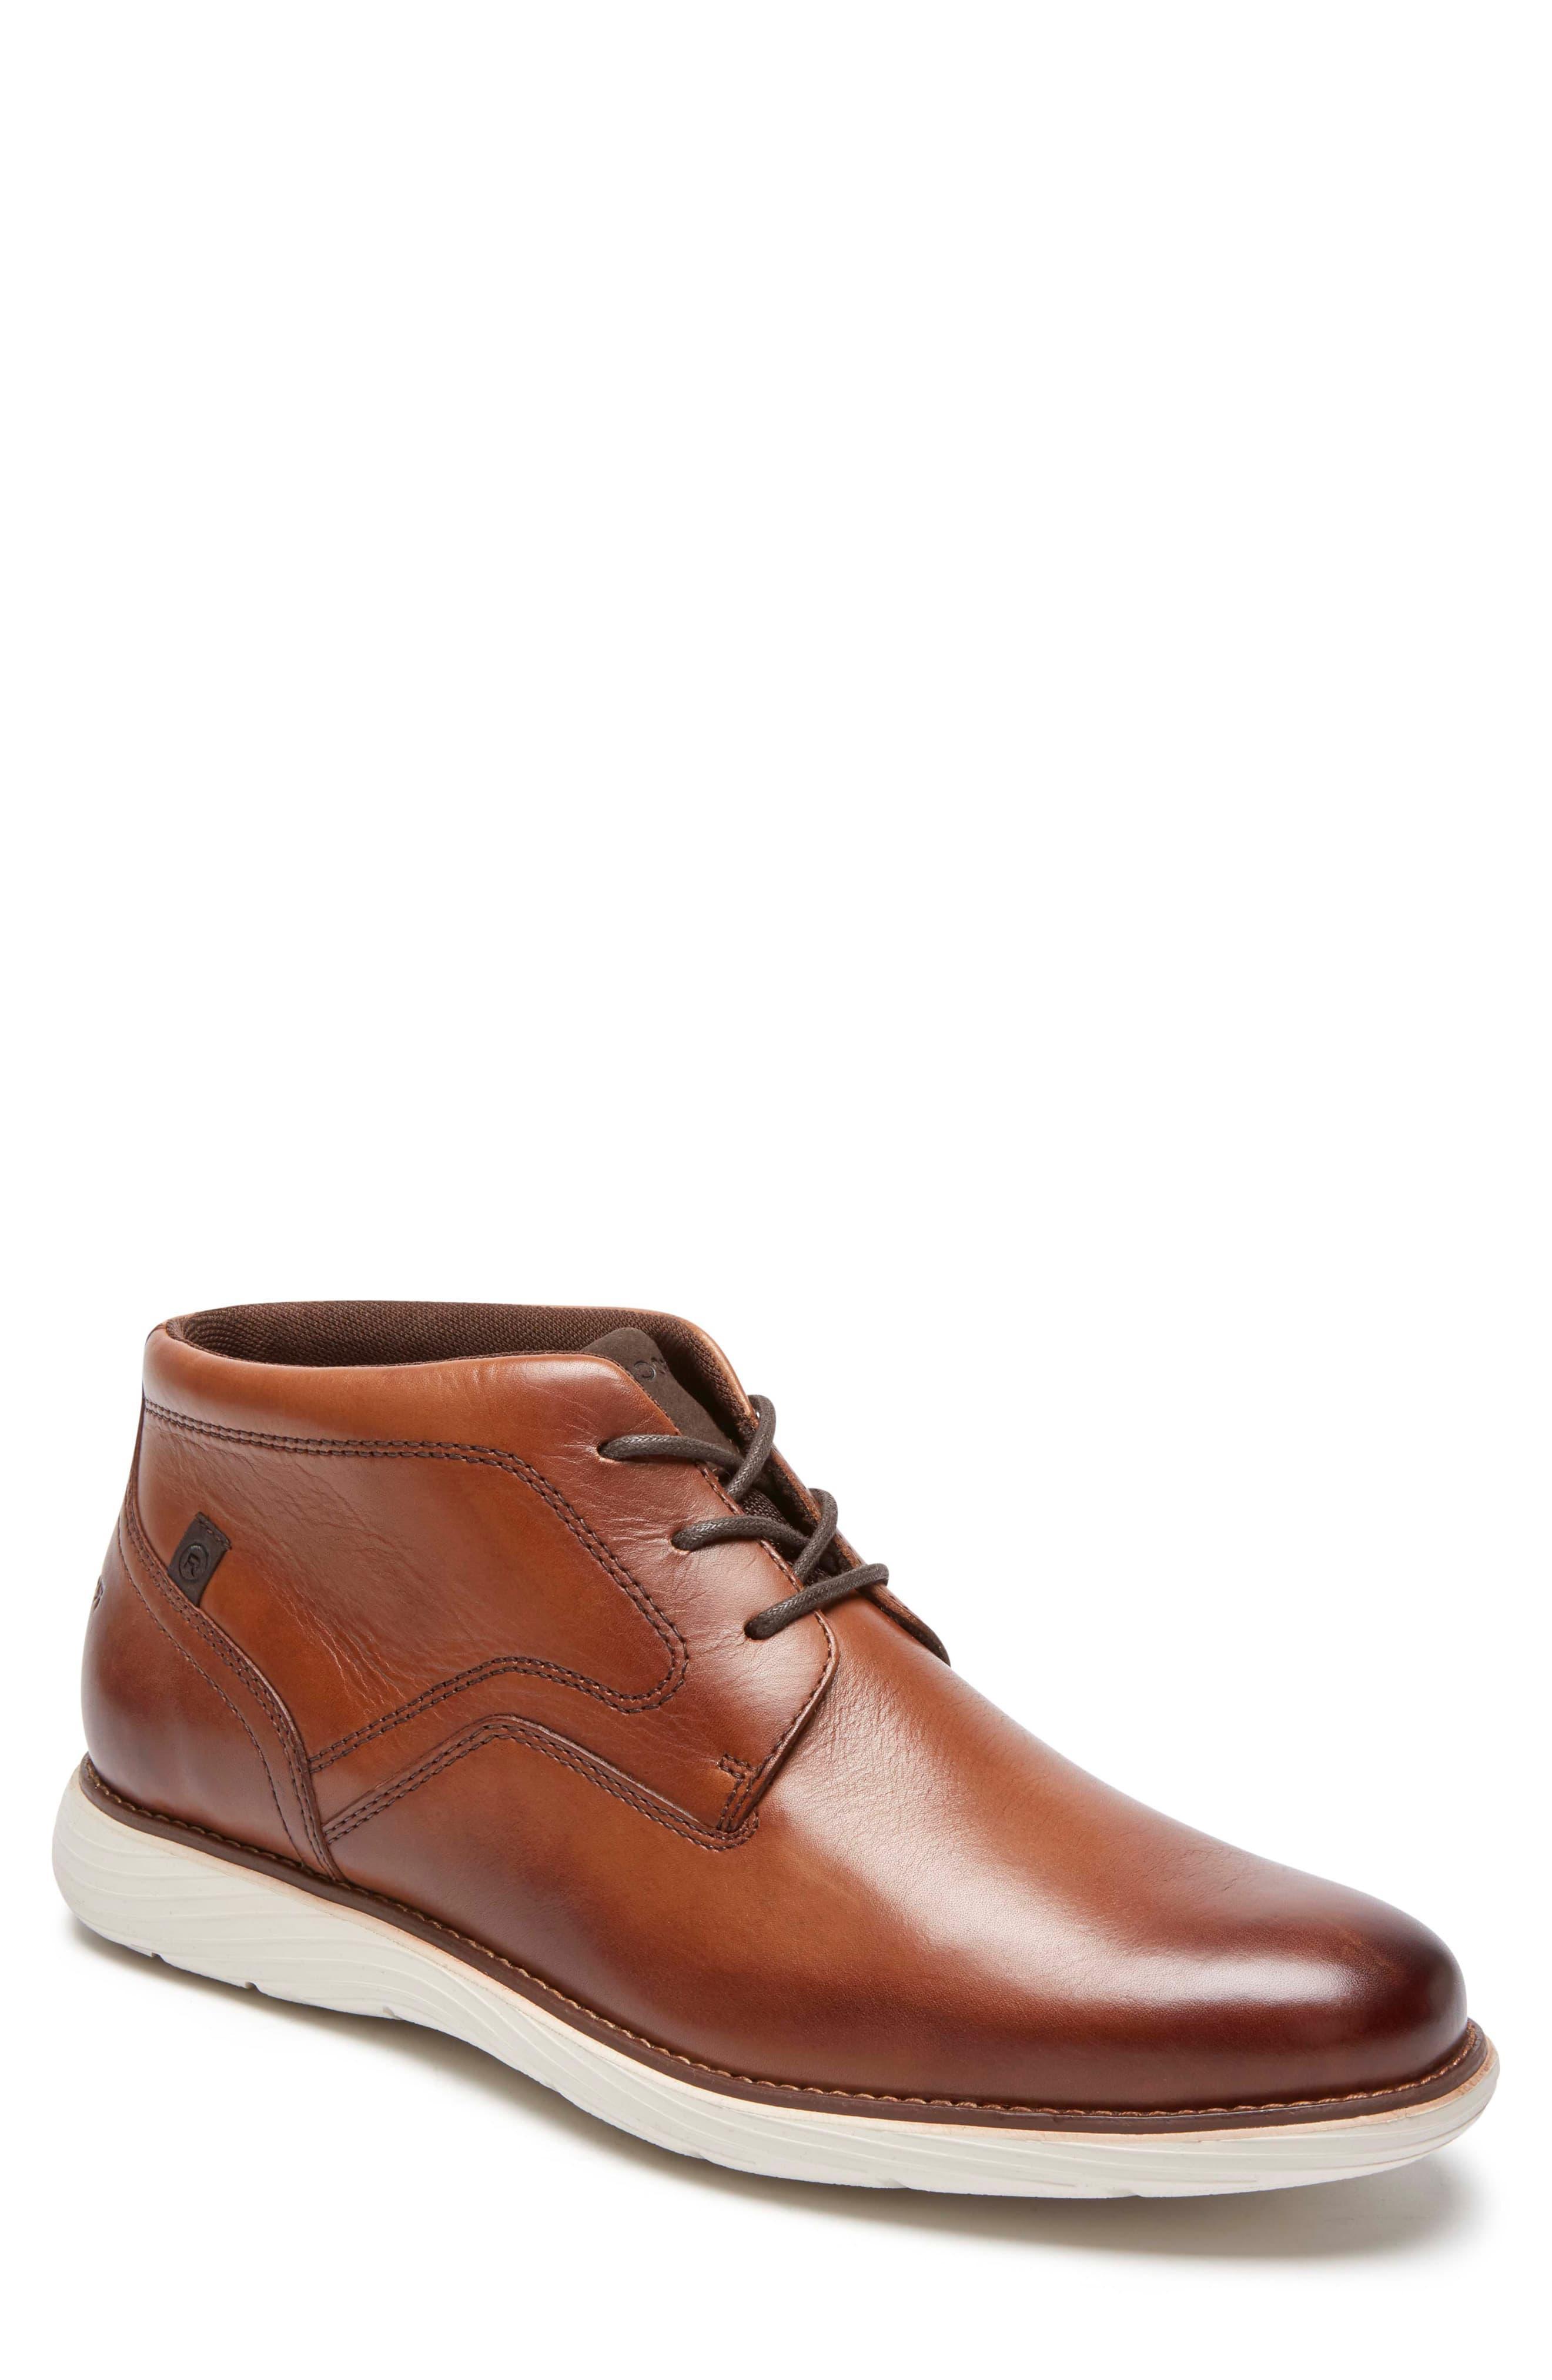 2b6947991f7 Men's Brown Kessler Chukka Boot